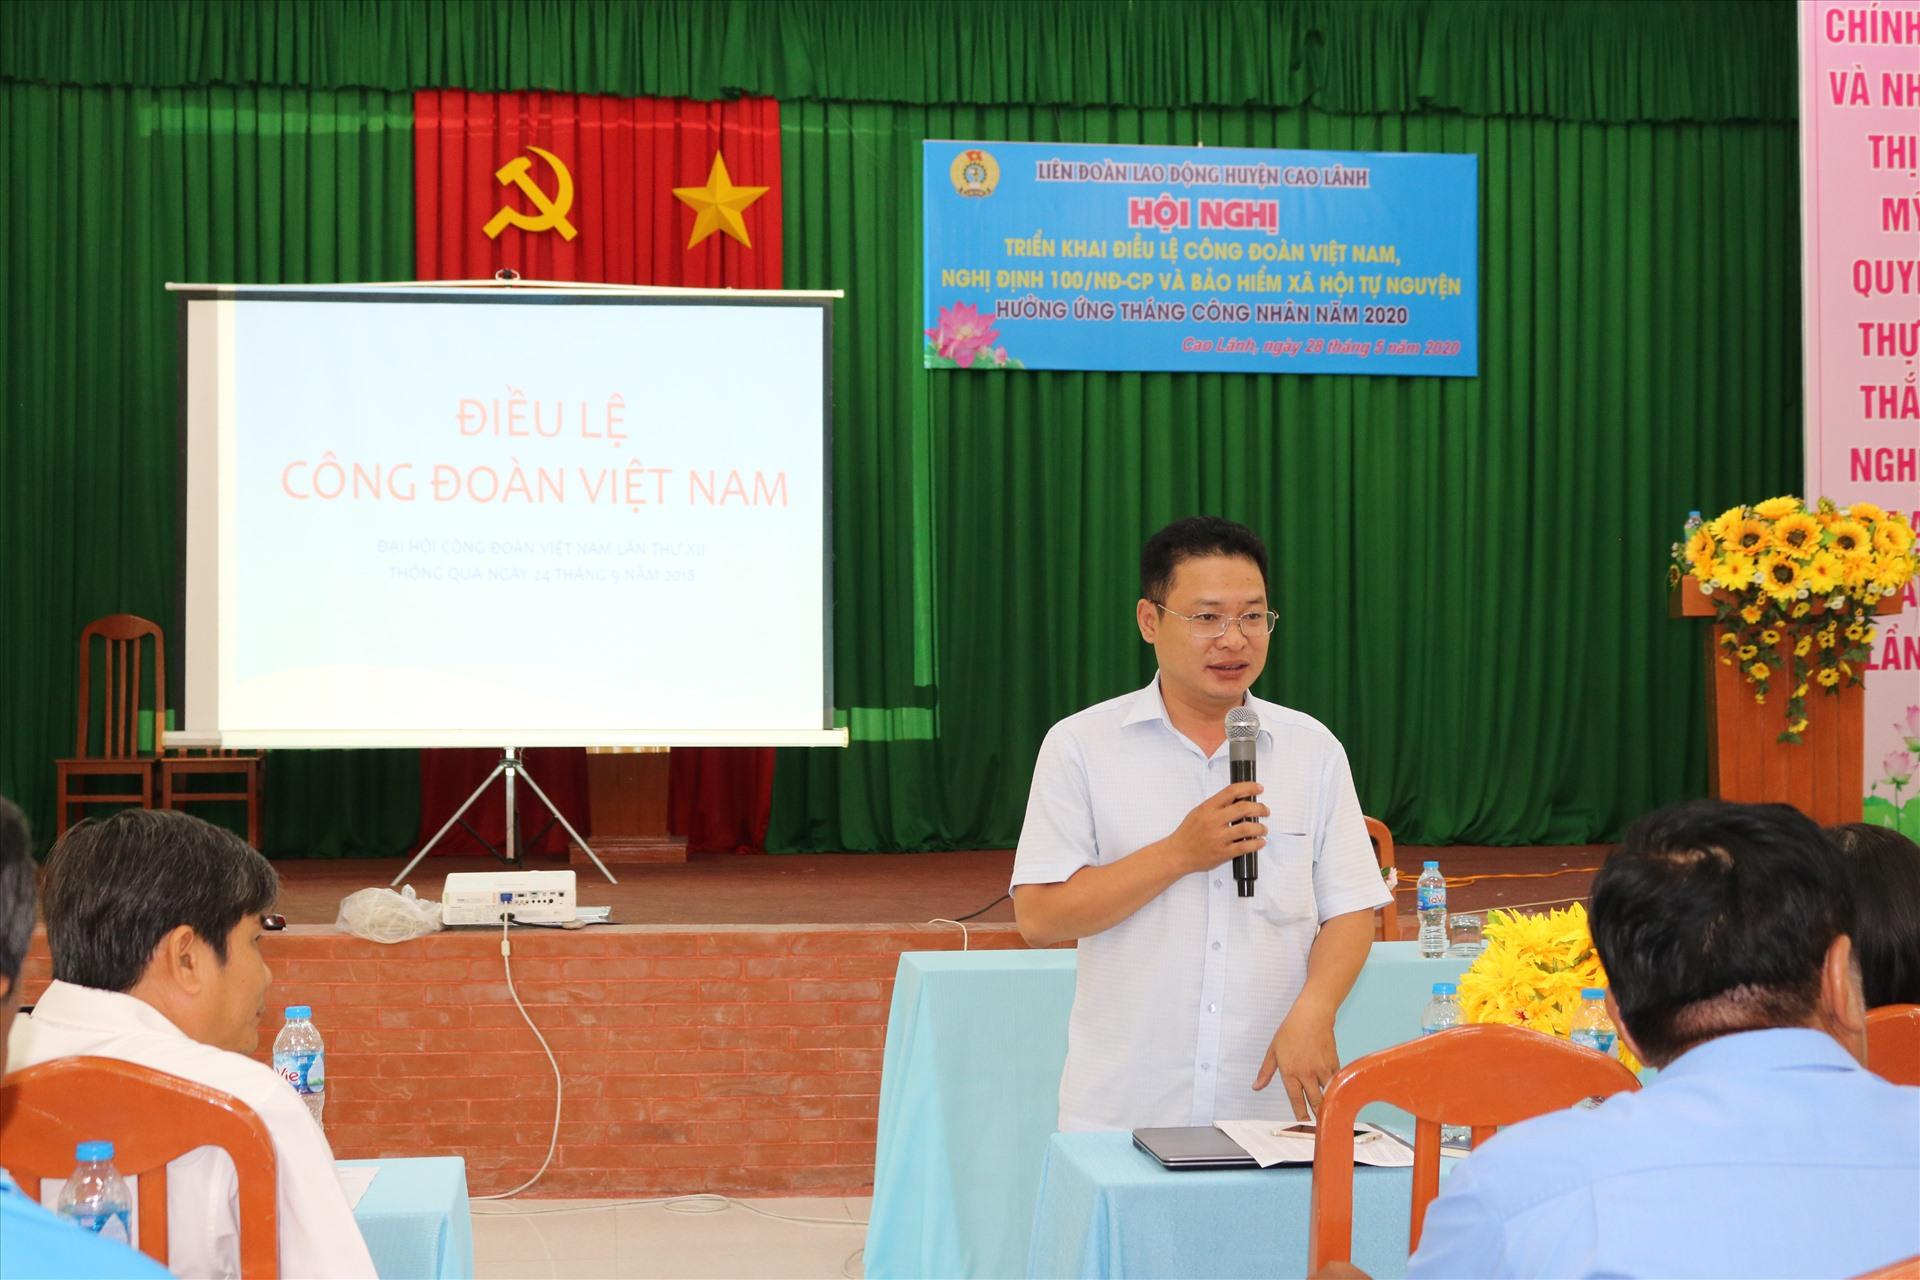 Đồng chí Đoàn Văn Đông - Giám đốc BHXH huyện Cao Lãnh chia sẻ các chính sách về BHXH. Ảnh: HL